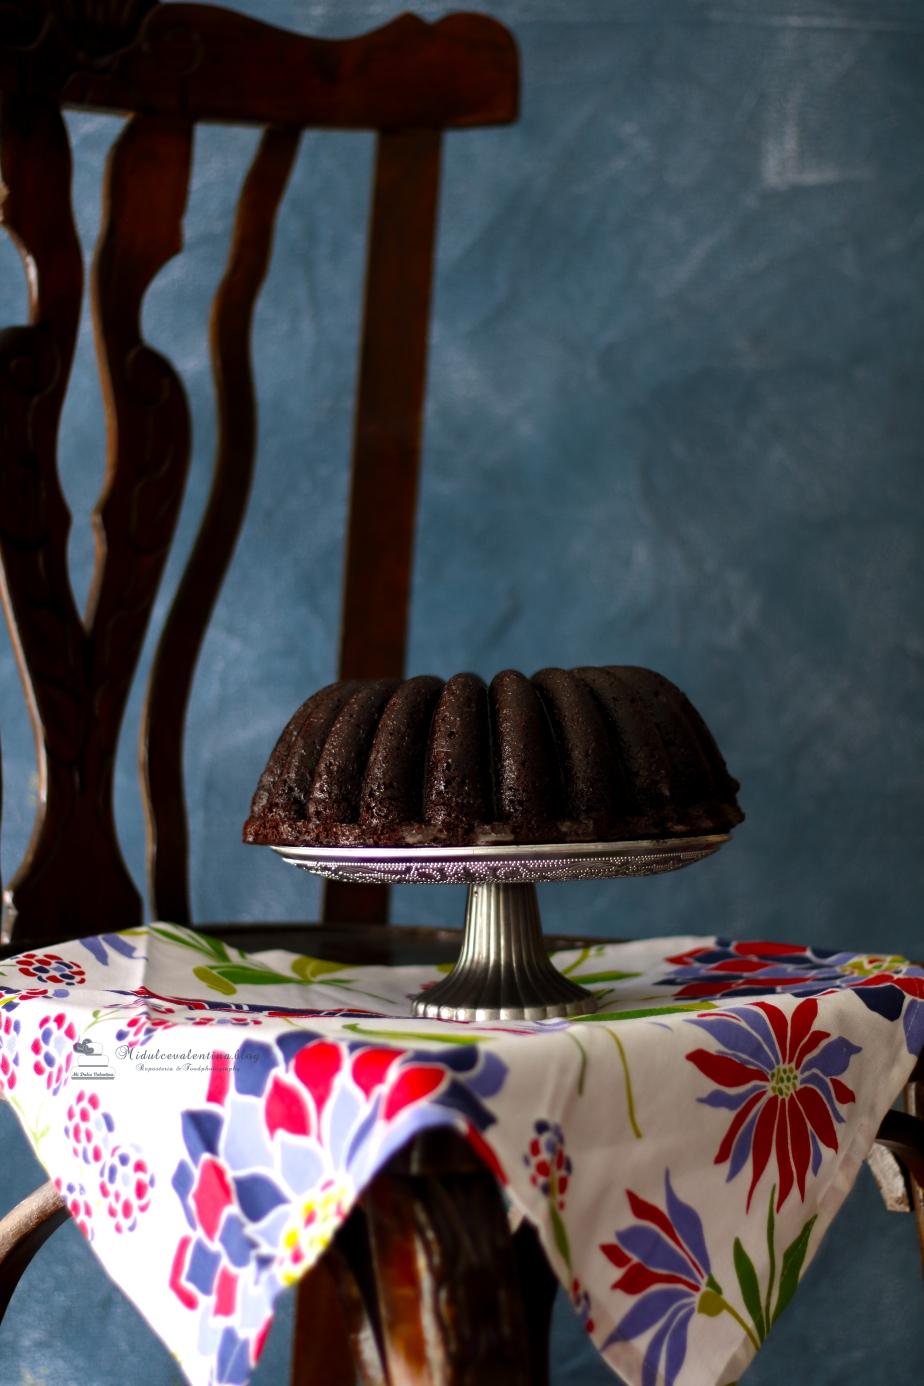 BUNDT CAKE DECHOCOLATE